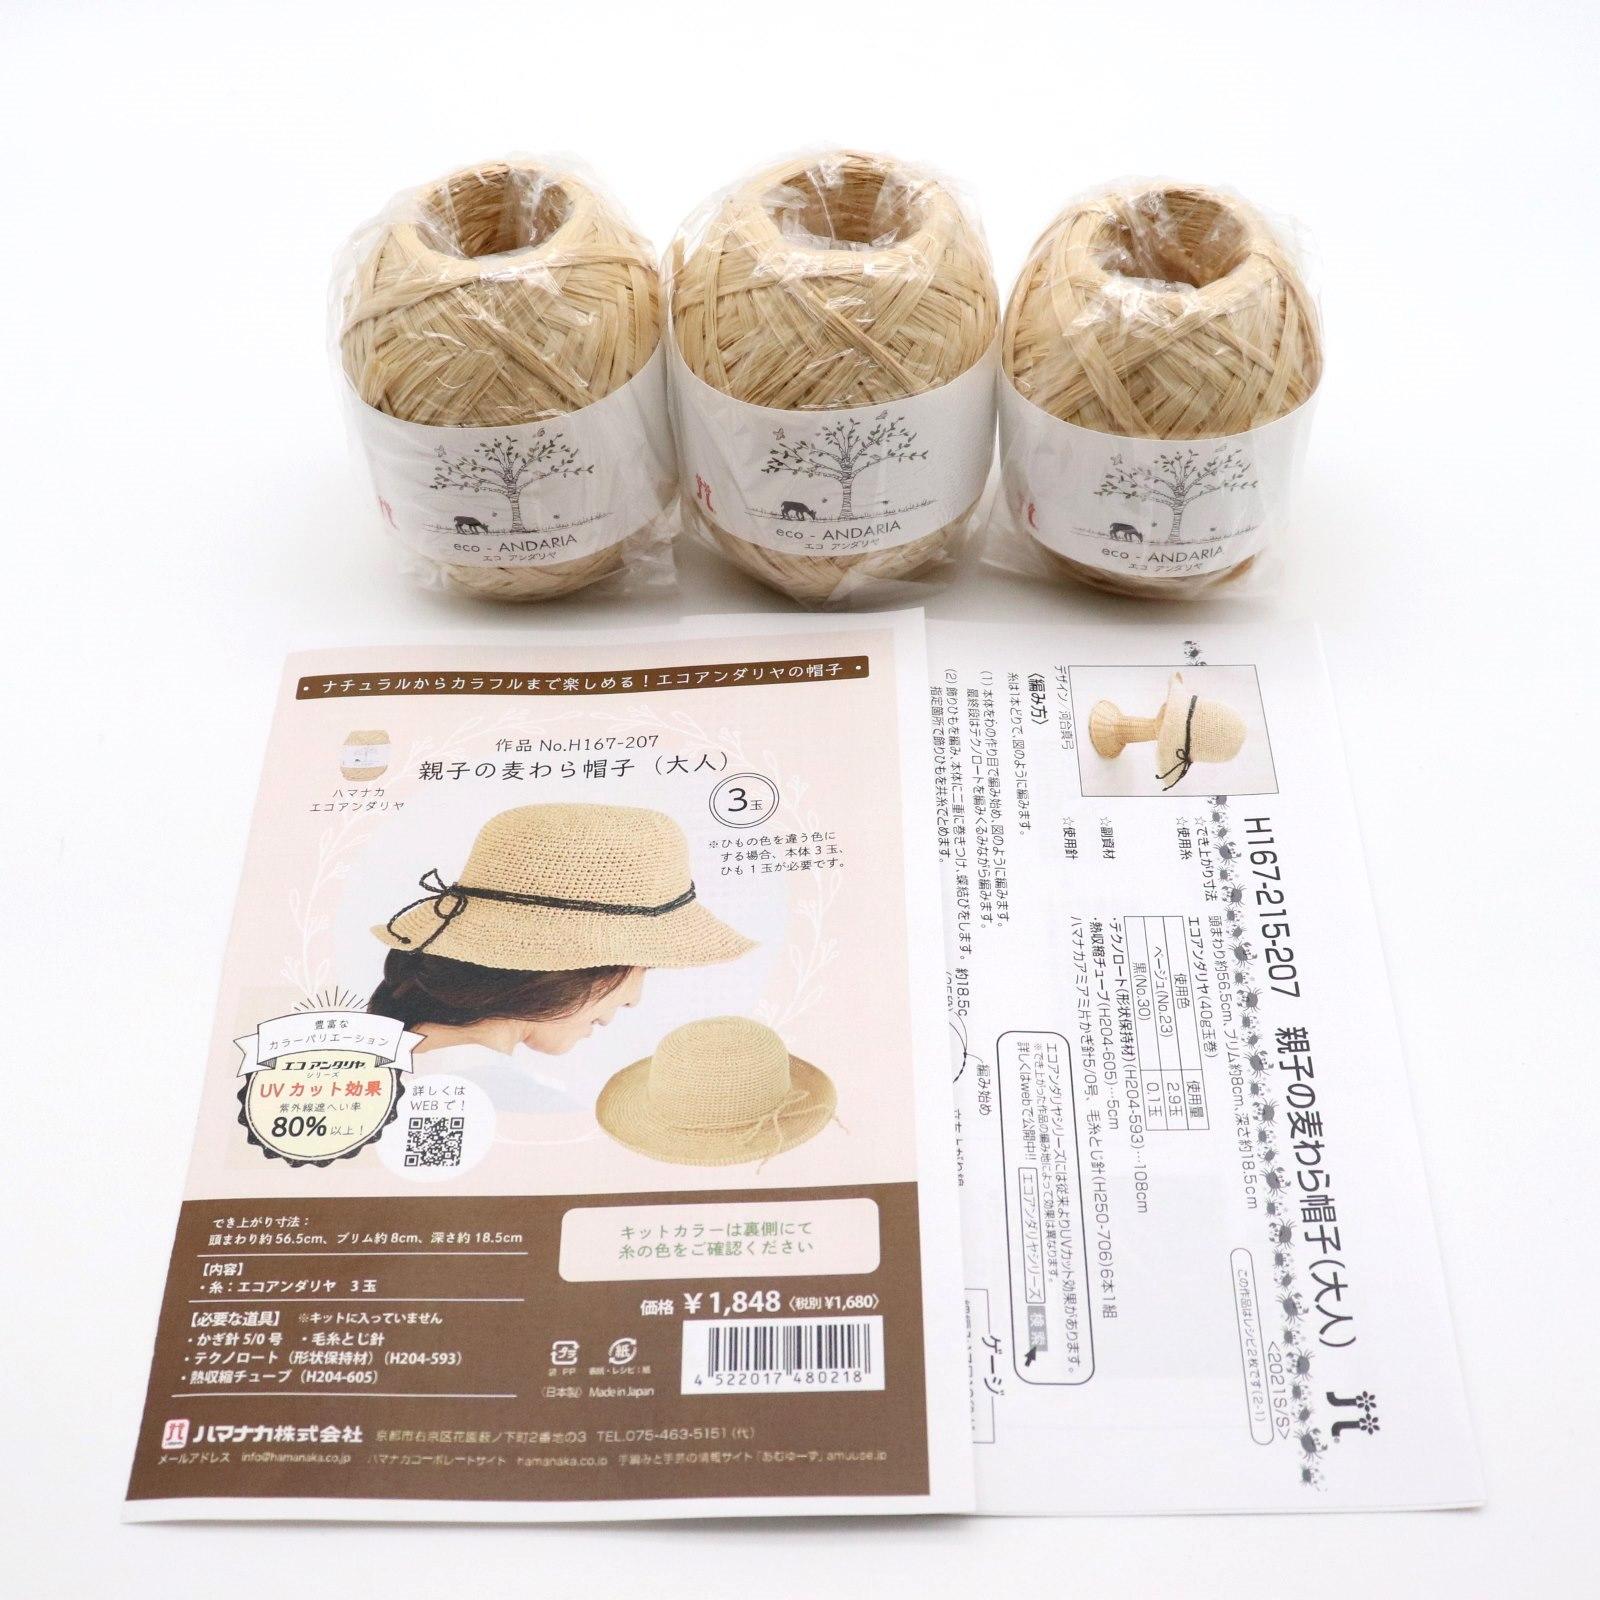 ハマナカ エコアンダリヤ 親子の麦わら帽子キット(大人)H167-207